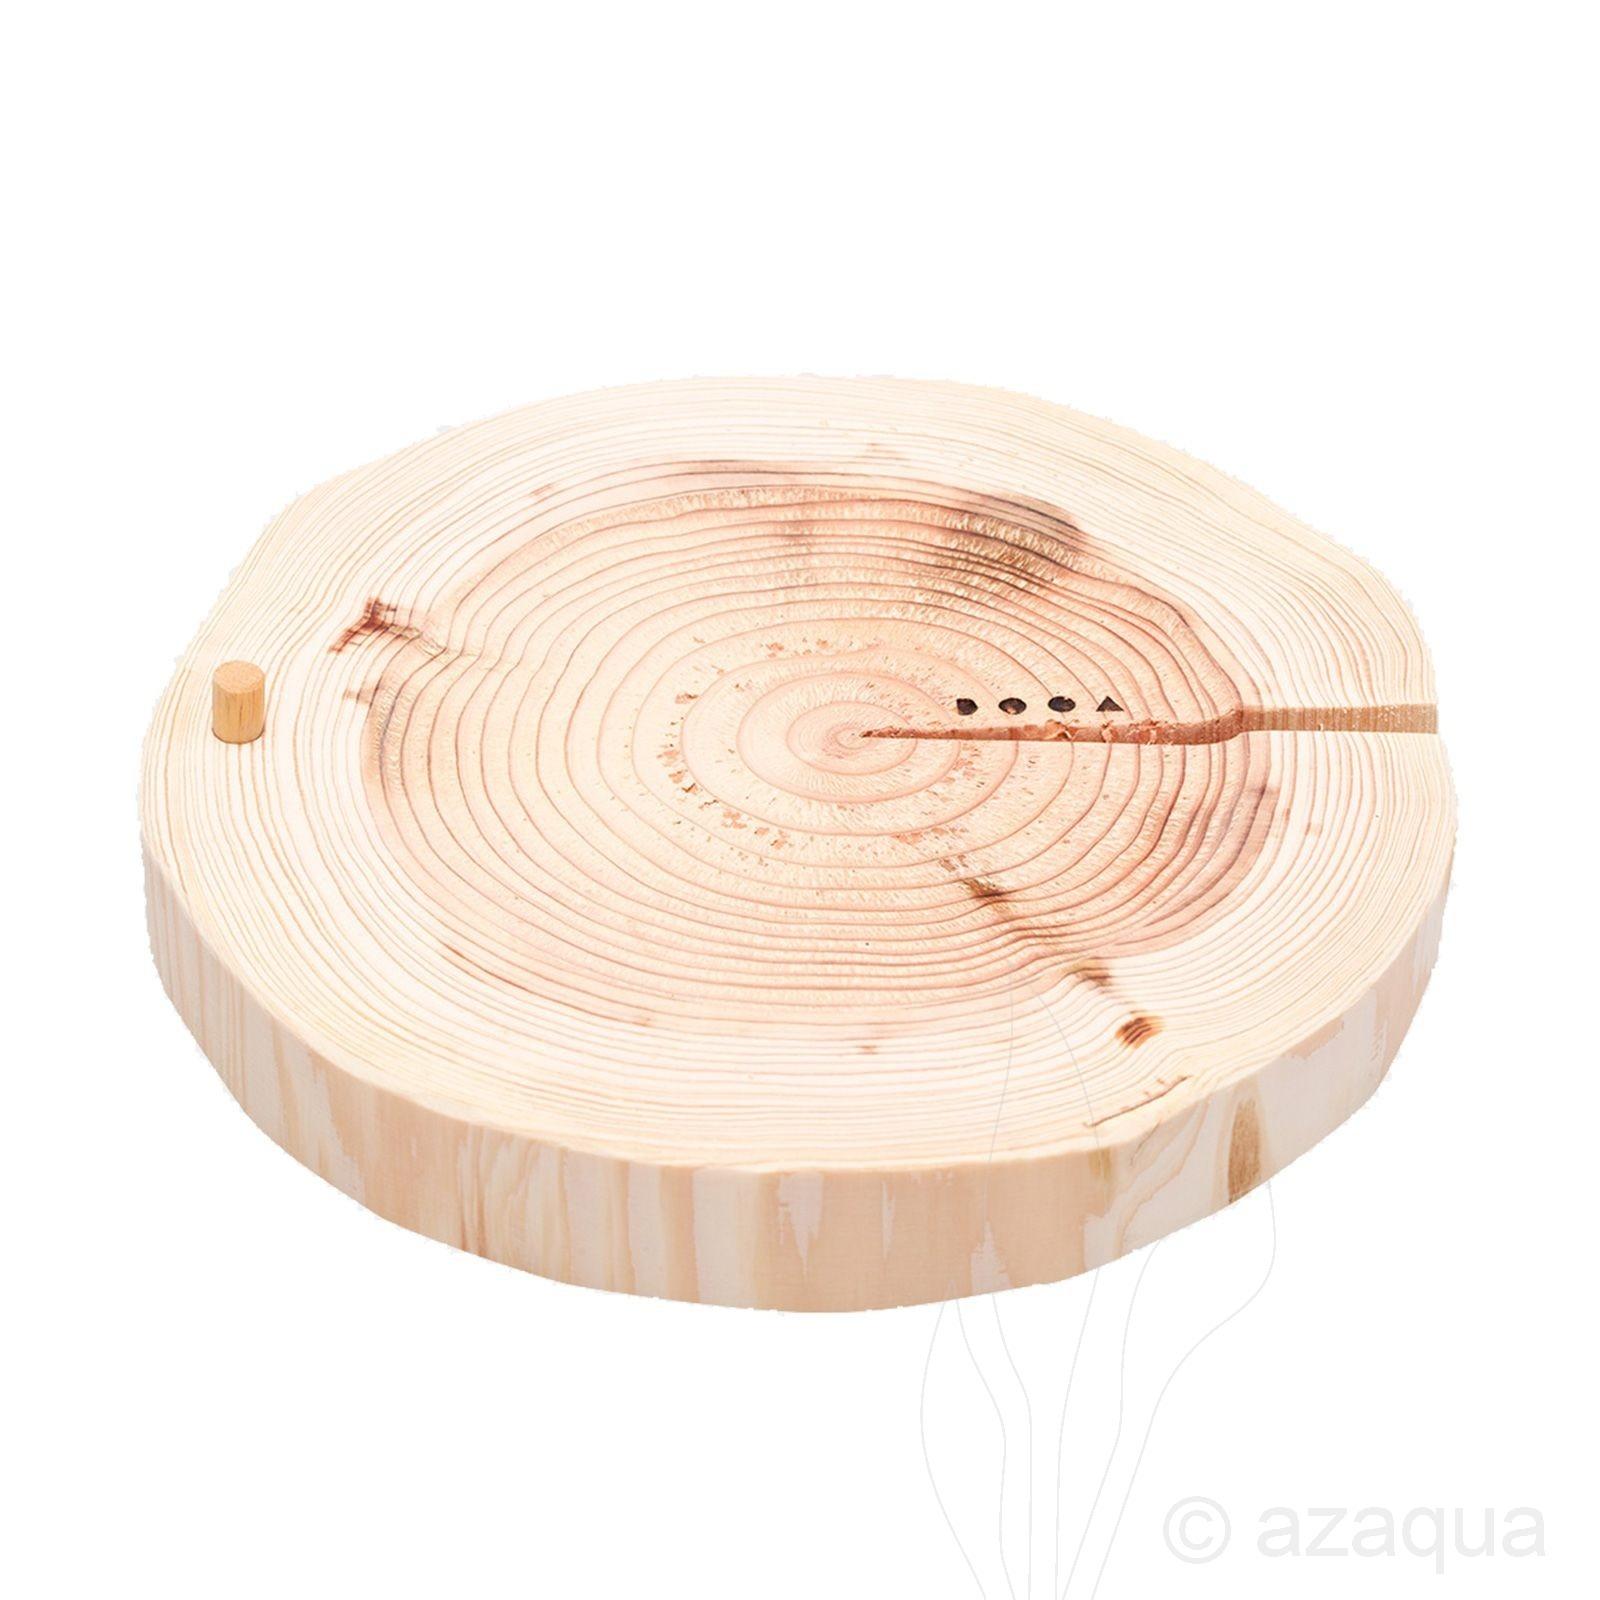 DOOA Wood Base SHIZUKU